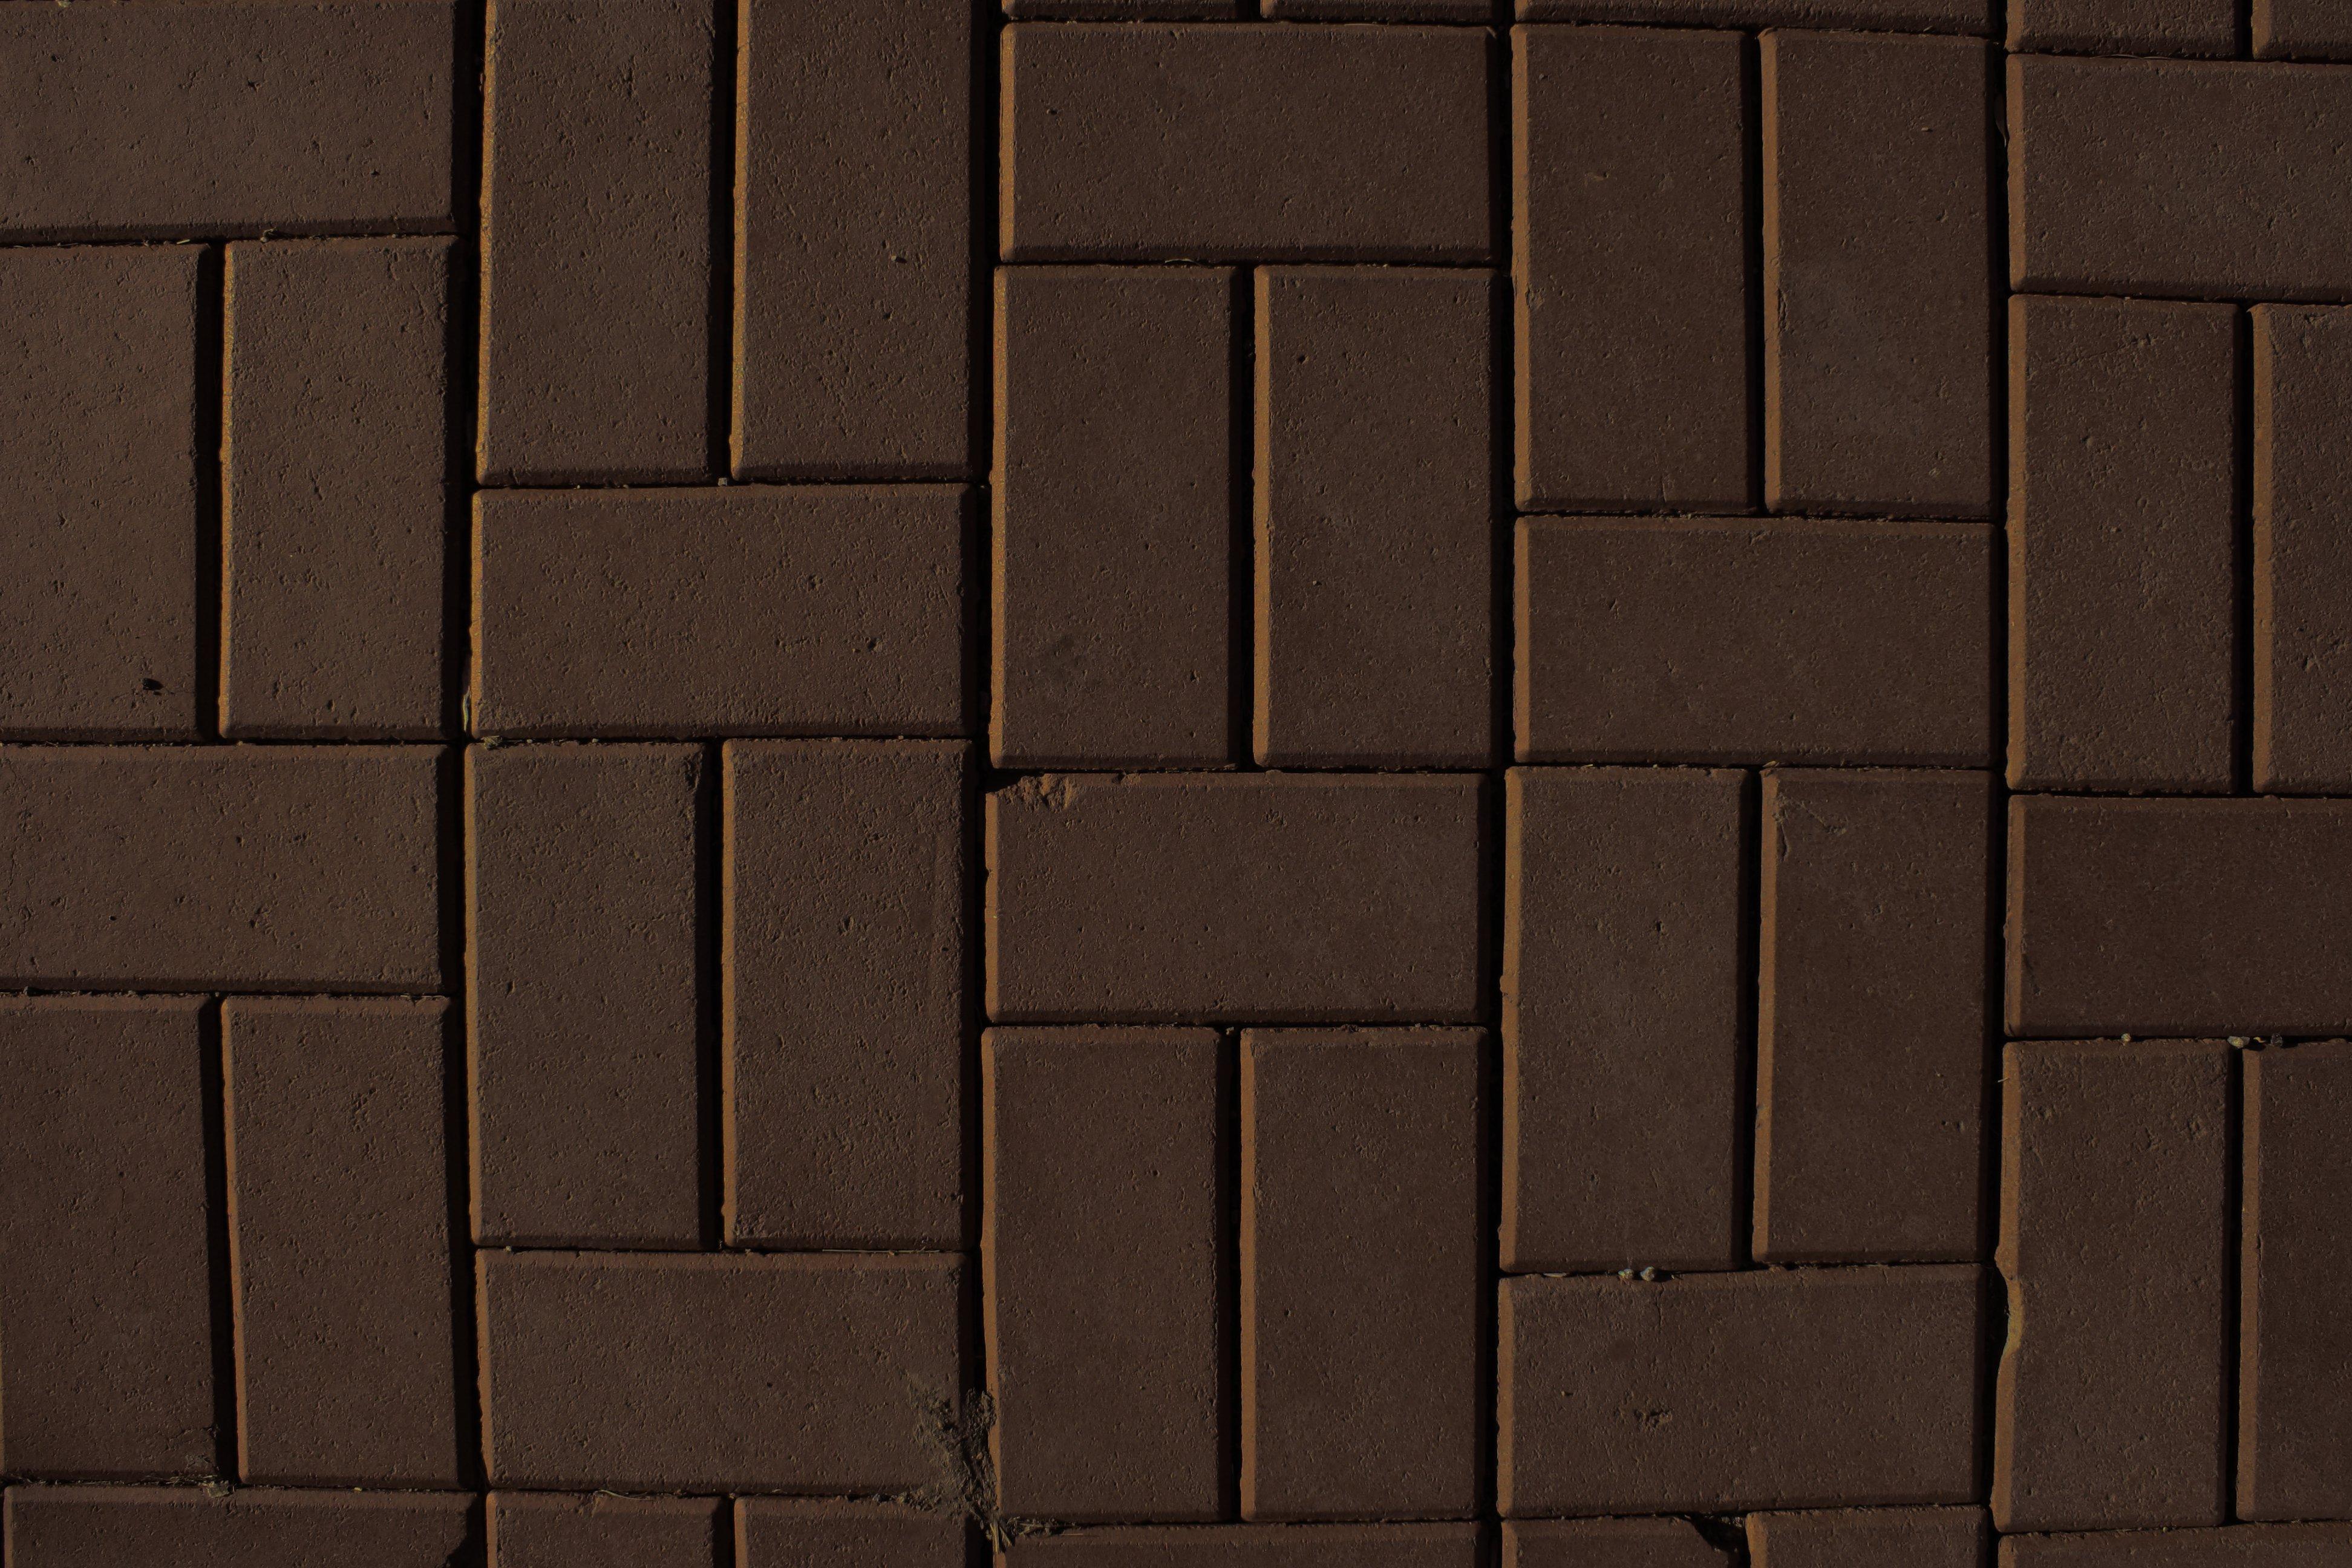 brown brick pavers sidewalk